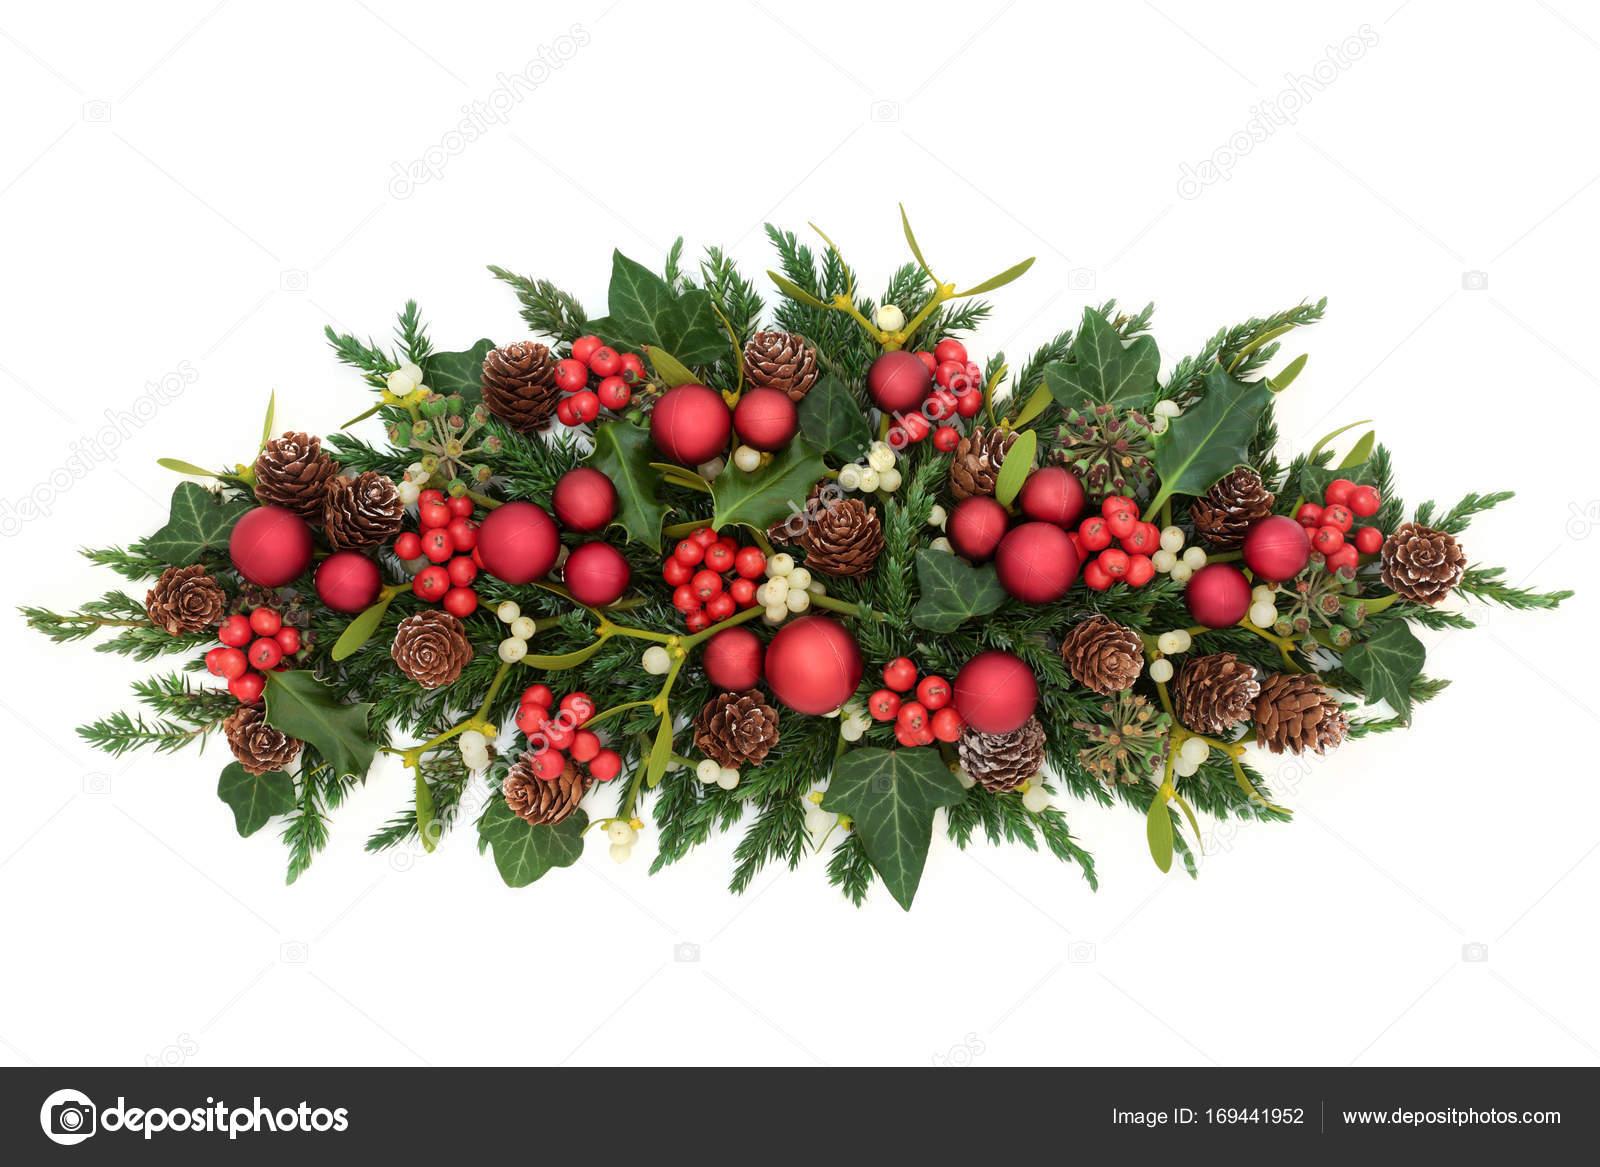 Kerstdecoraties Met Rood : Kerstdecoratie met rode kerstballen u stockfoto marilyna